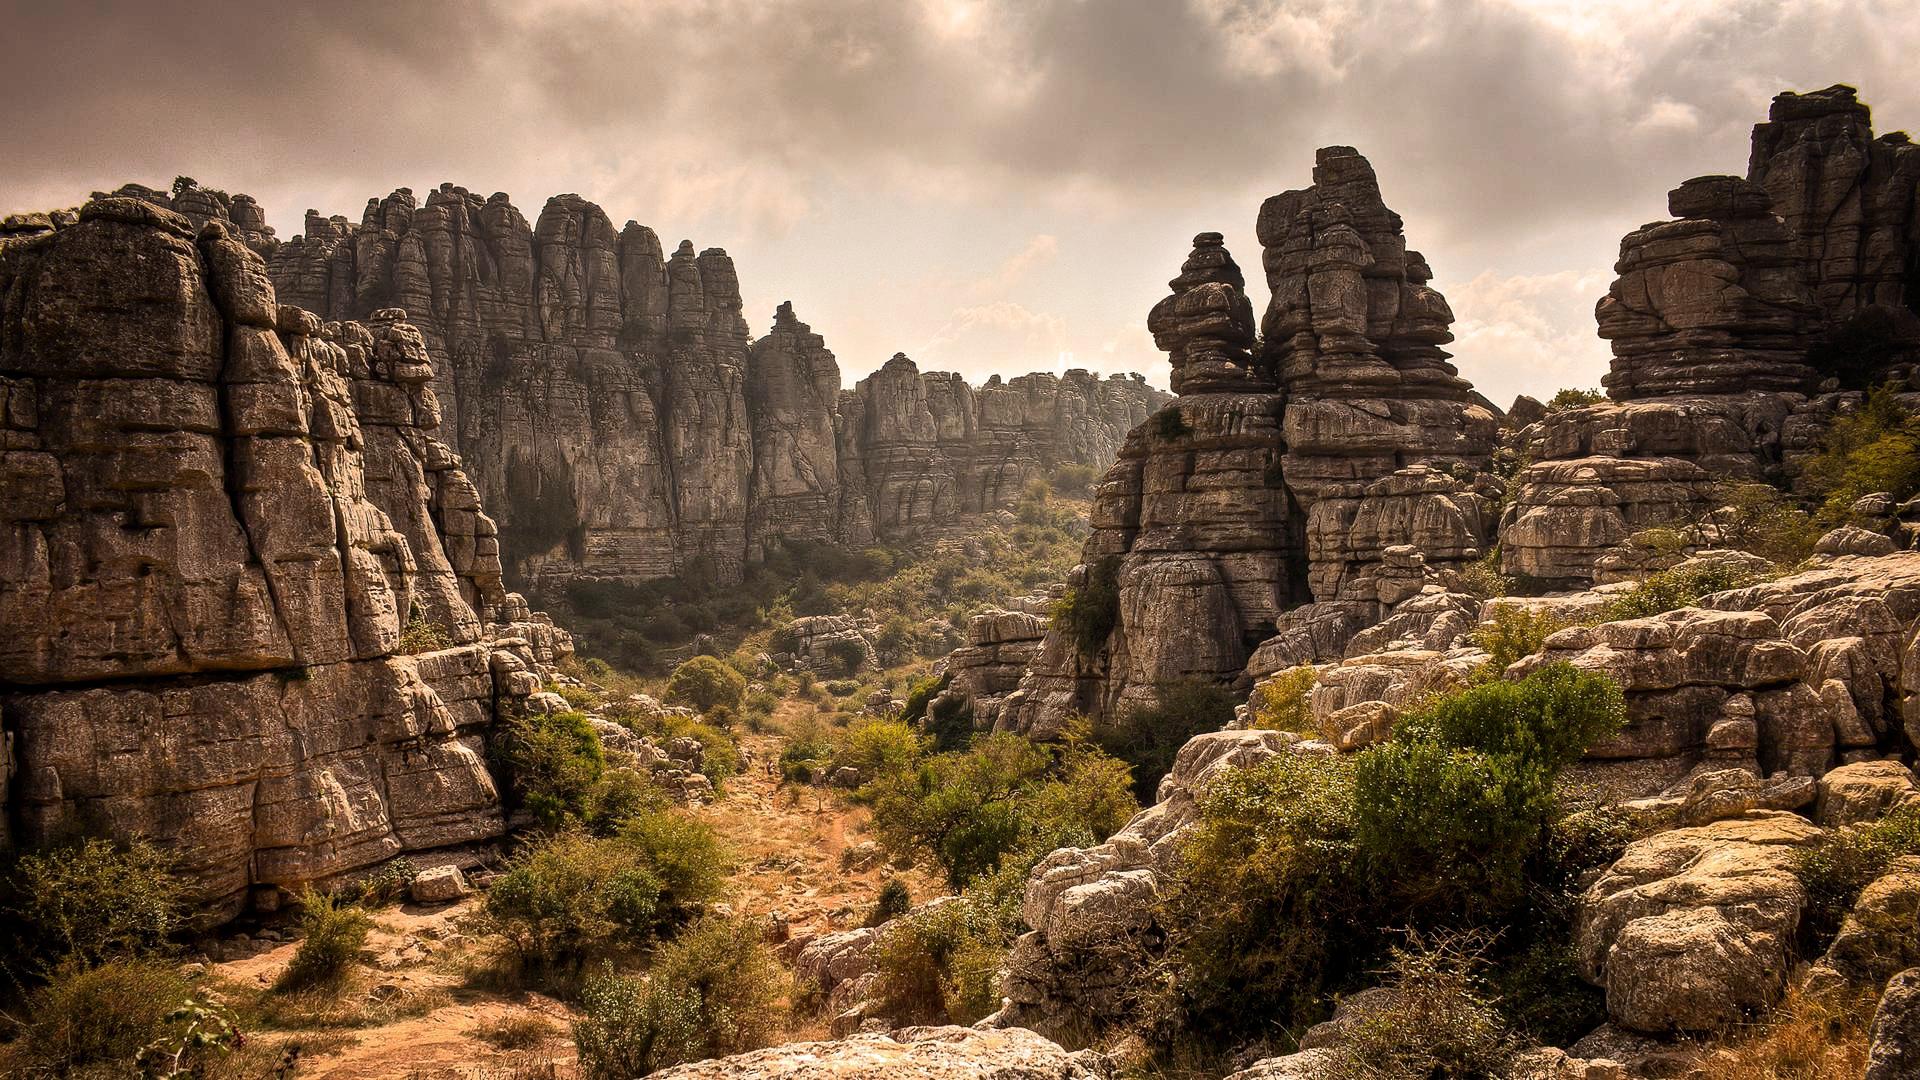 Rocky Landscape Pictures